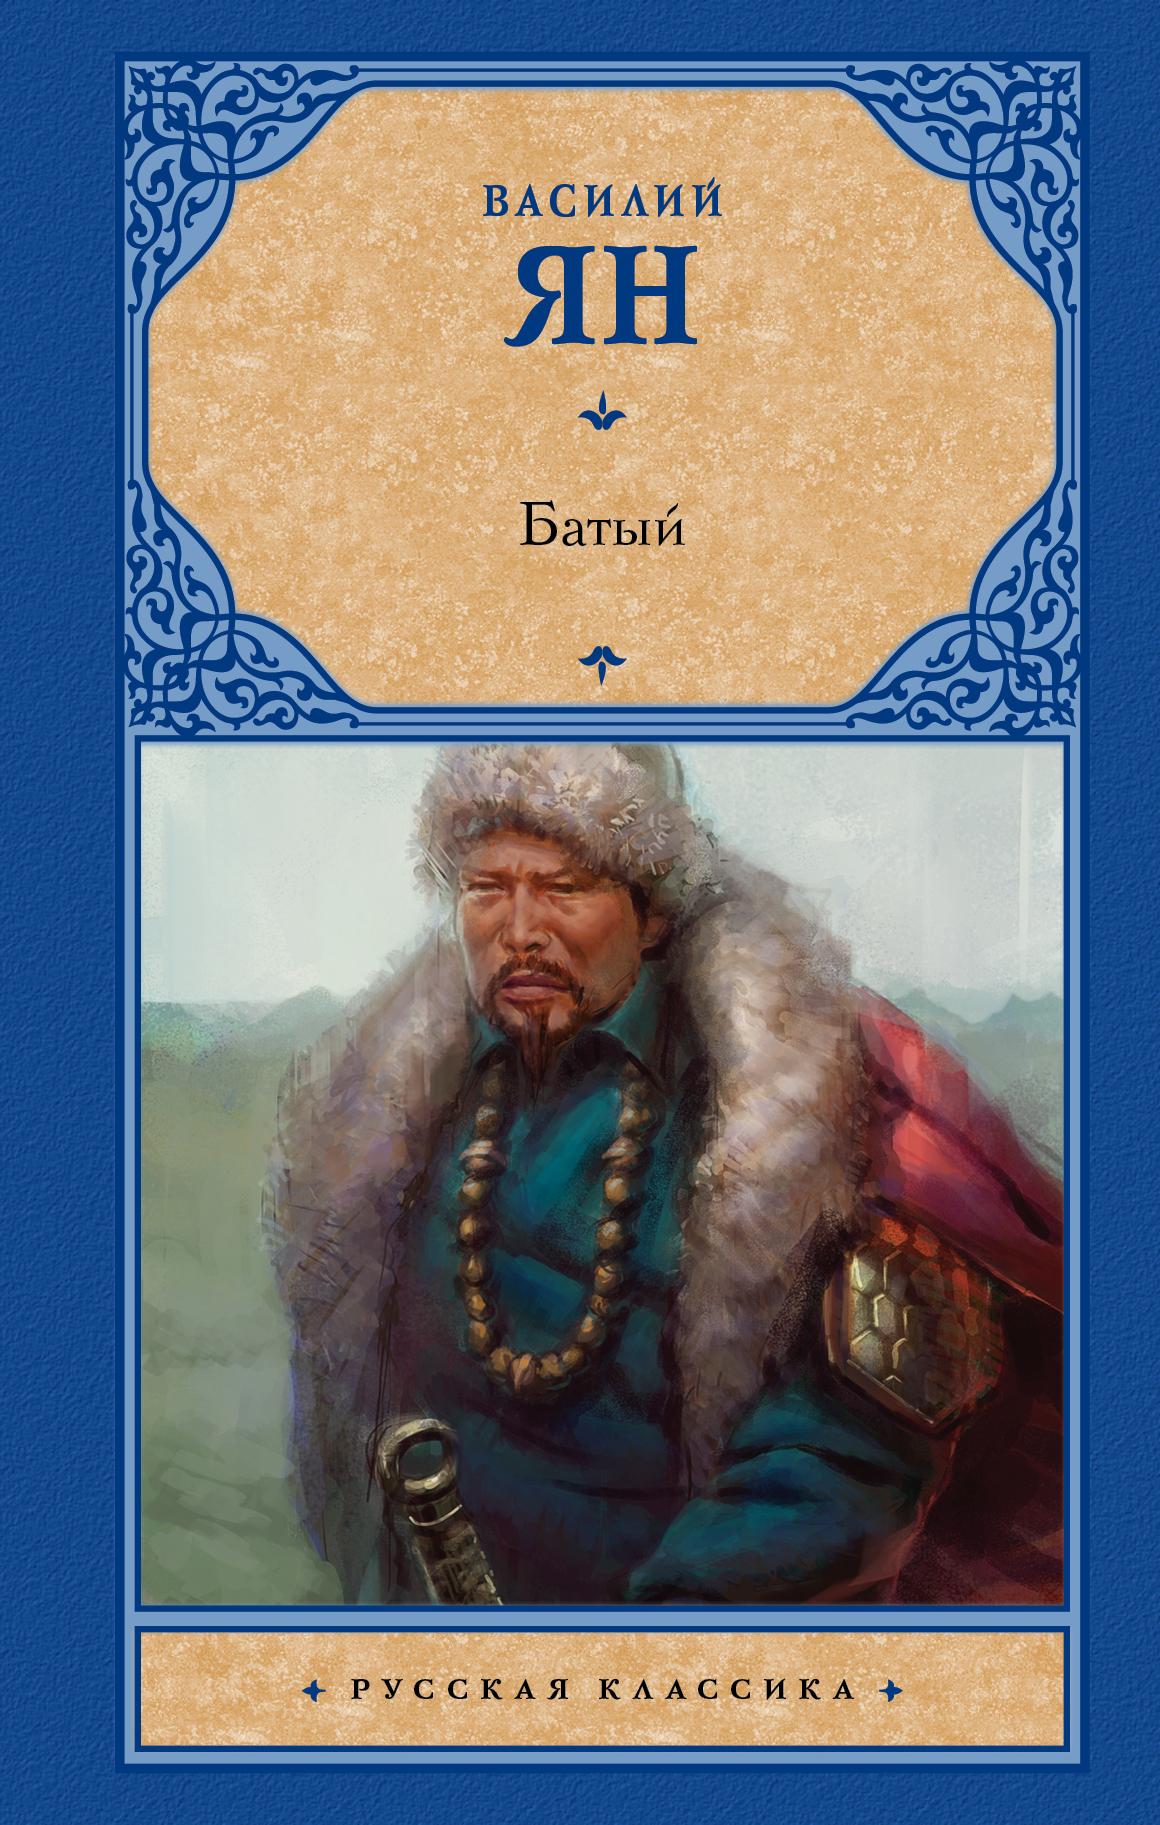 Василий Ян Батый